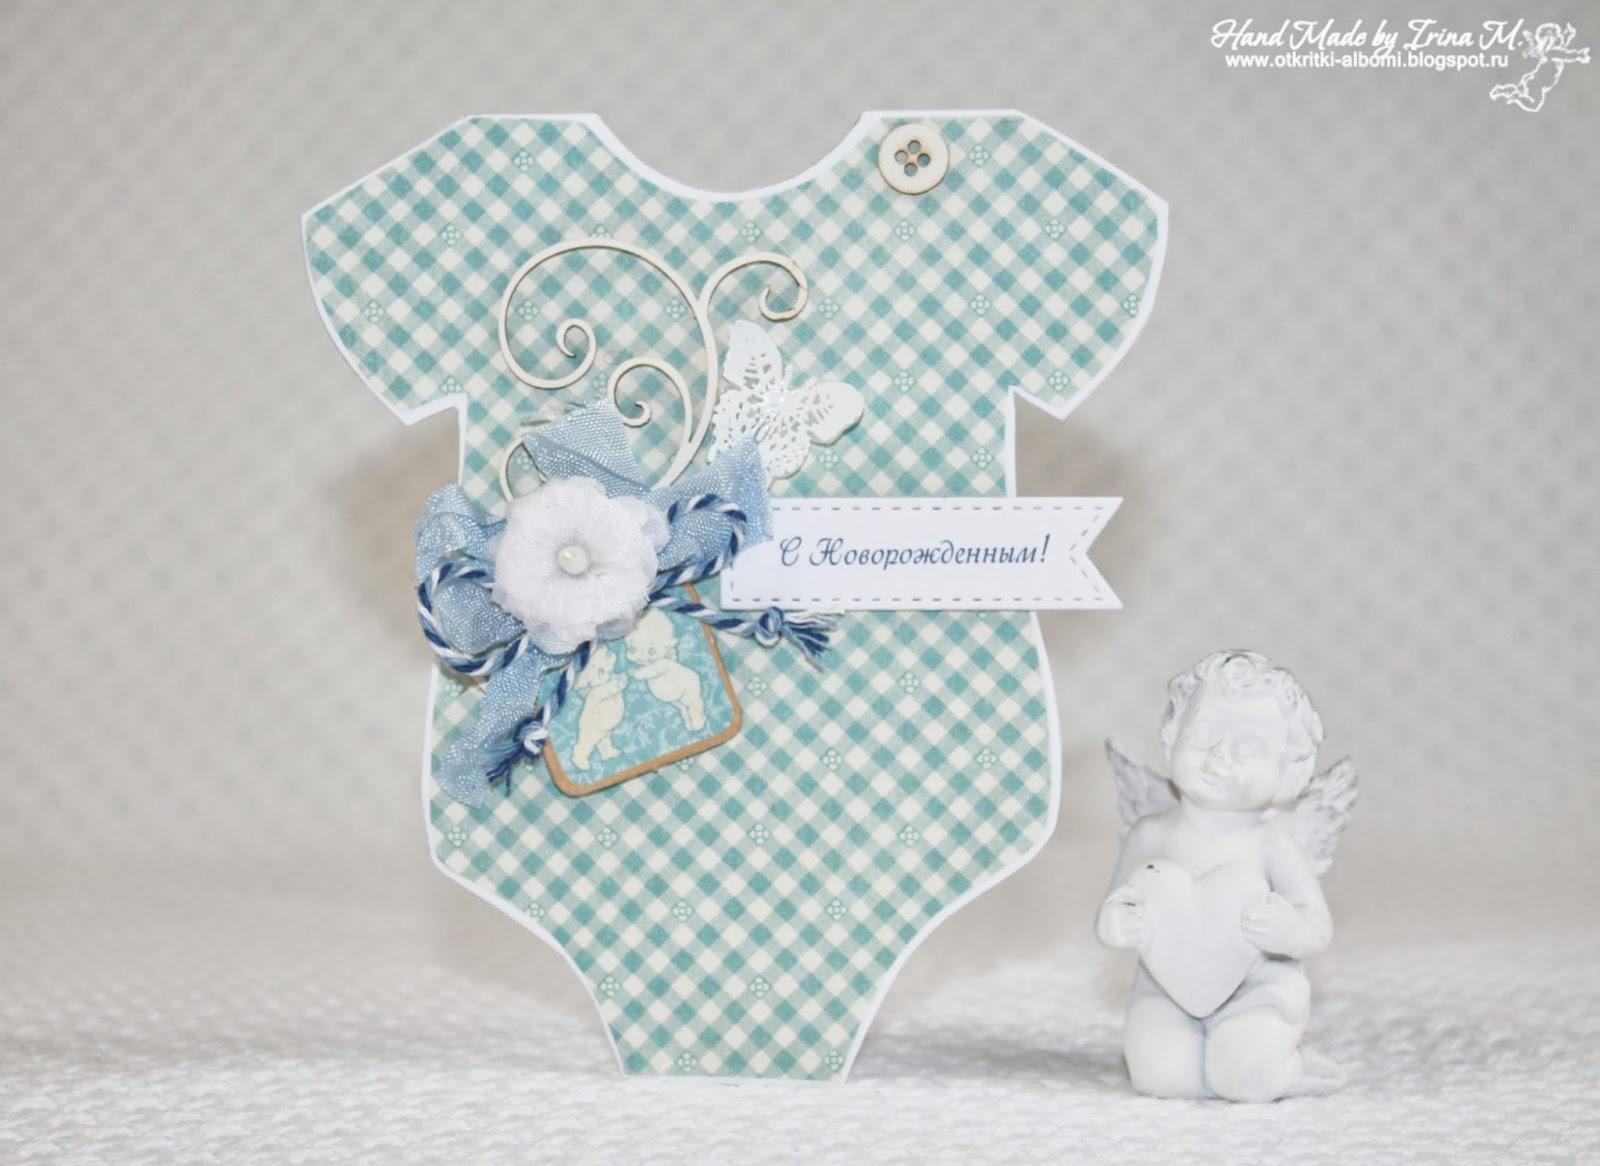 Шаблоны для открыток для новорожденных 78